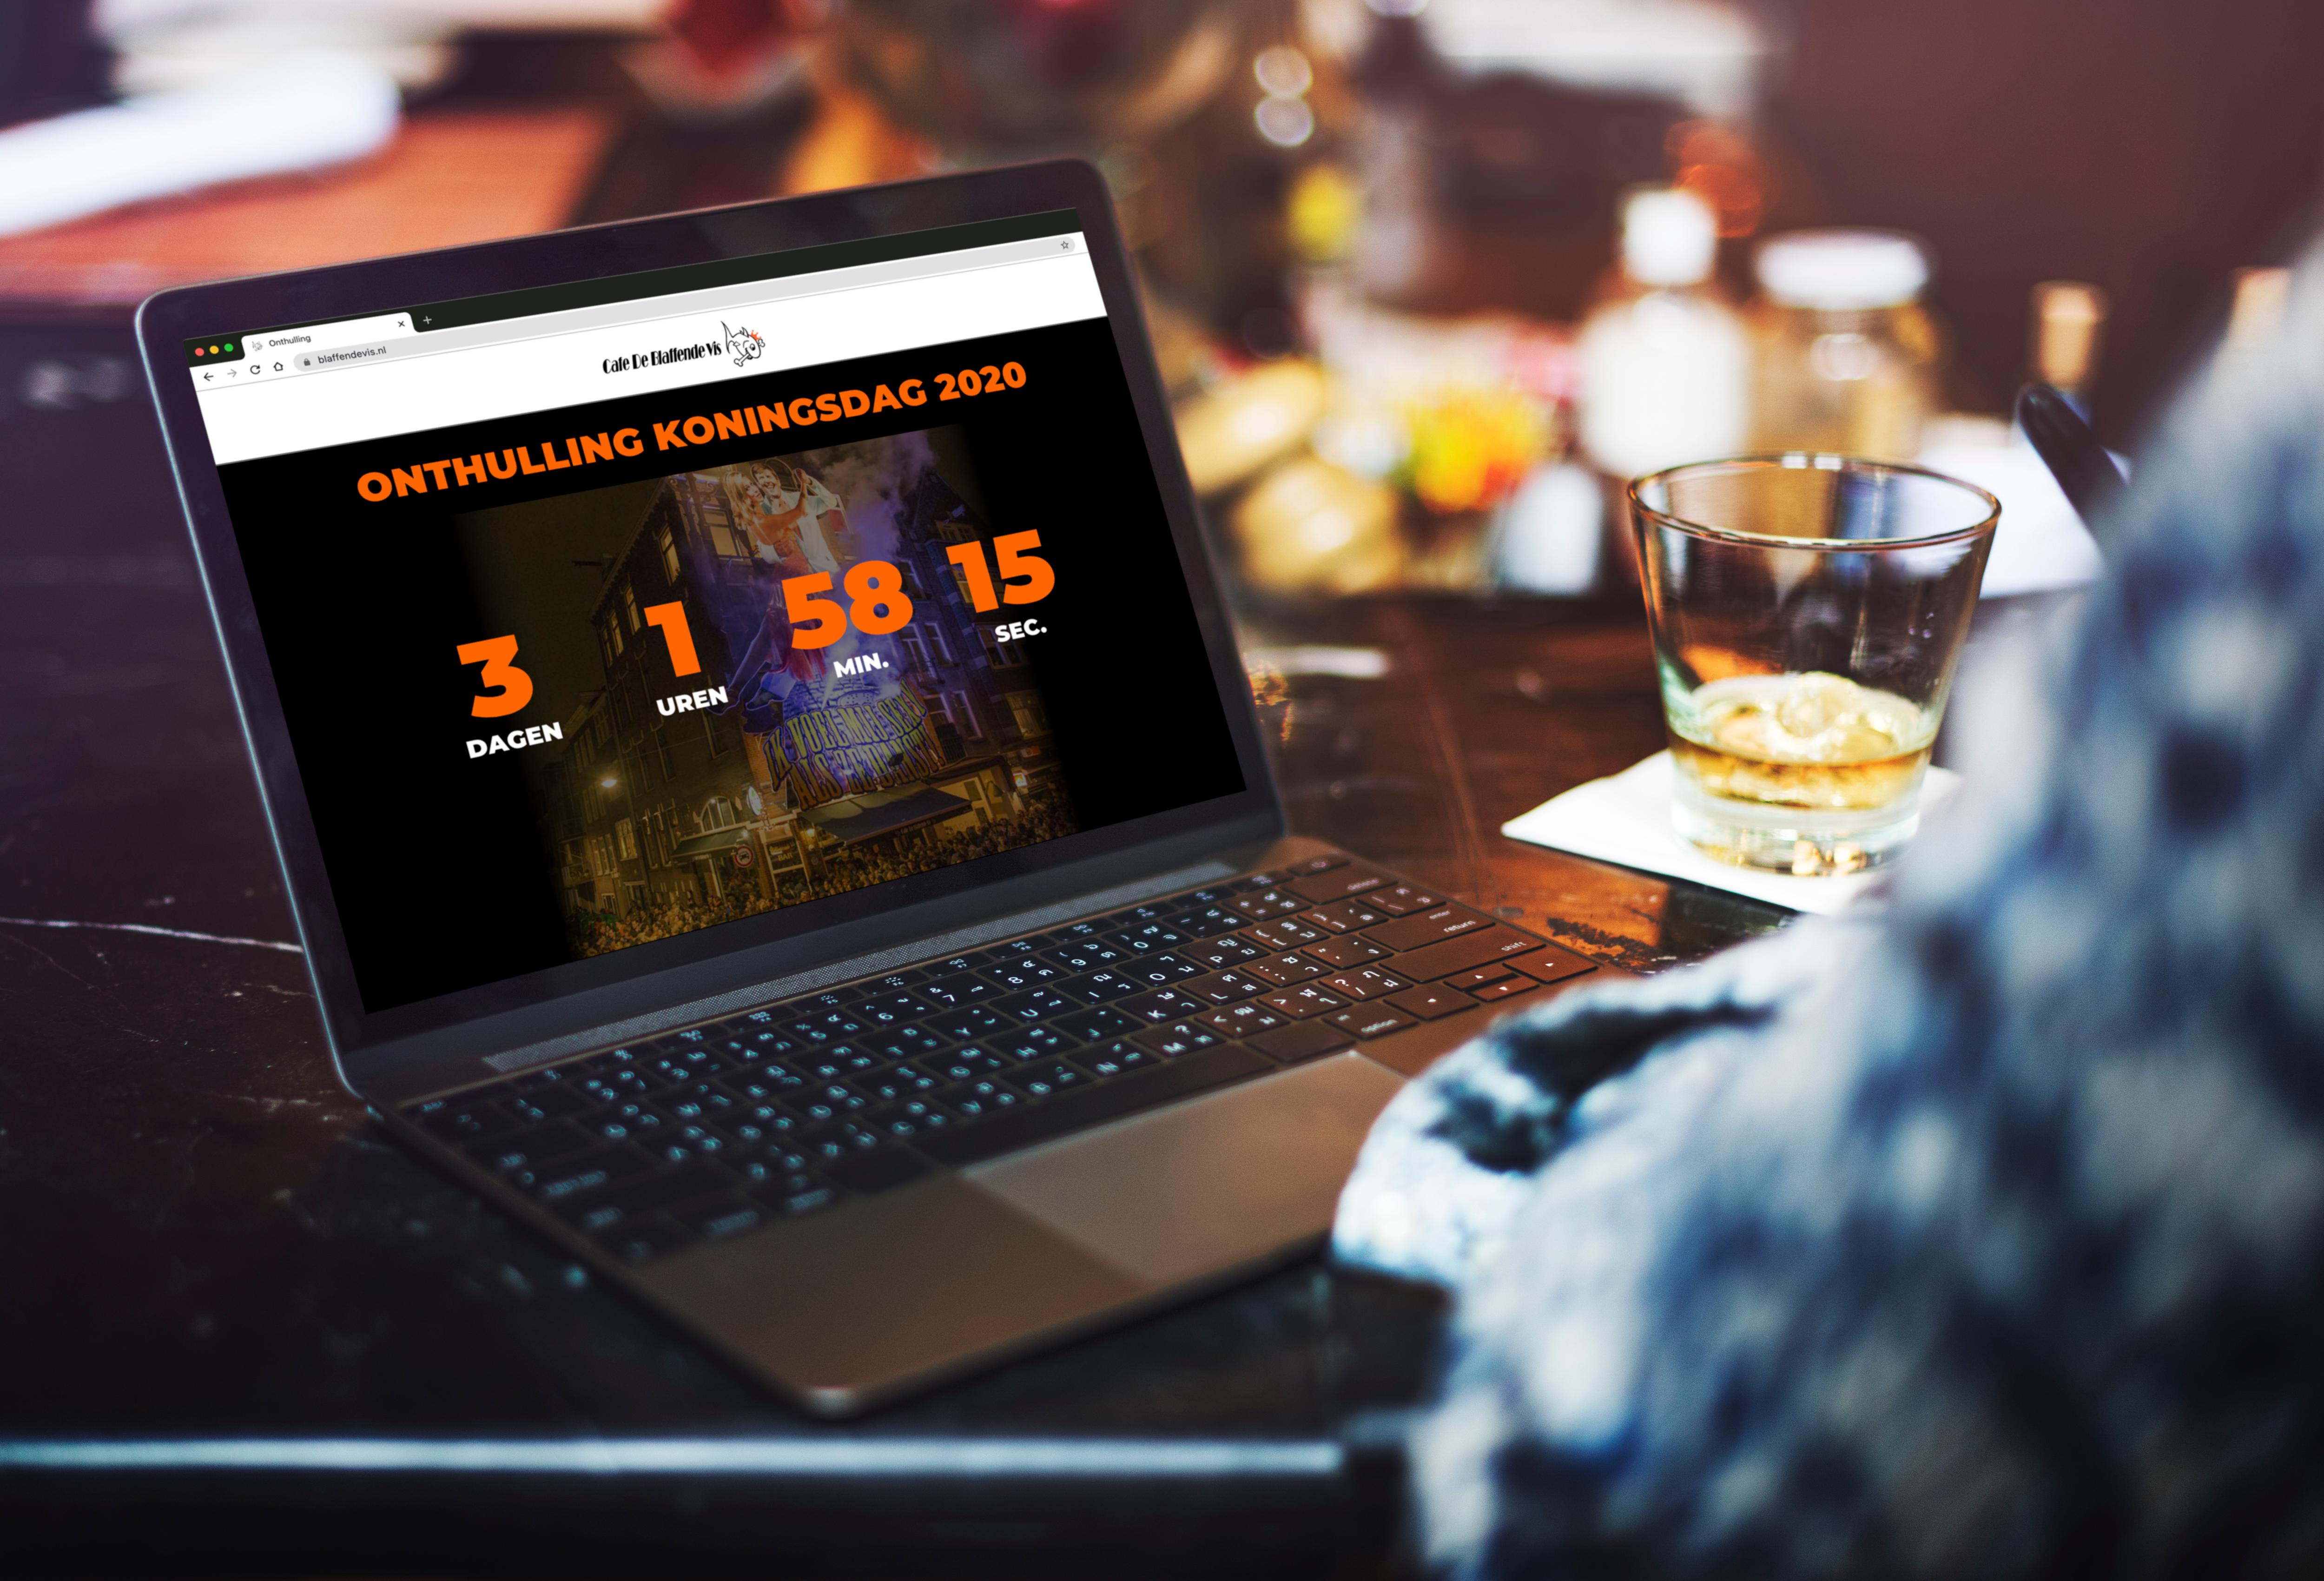 CAFE DE BLAFFENDE VIS KONINGSDAG ONTHULLING 2020 COUNTDOWN WEBSITE